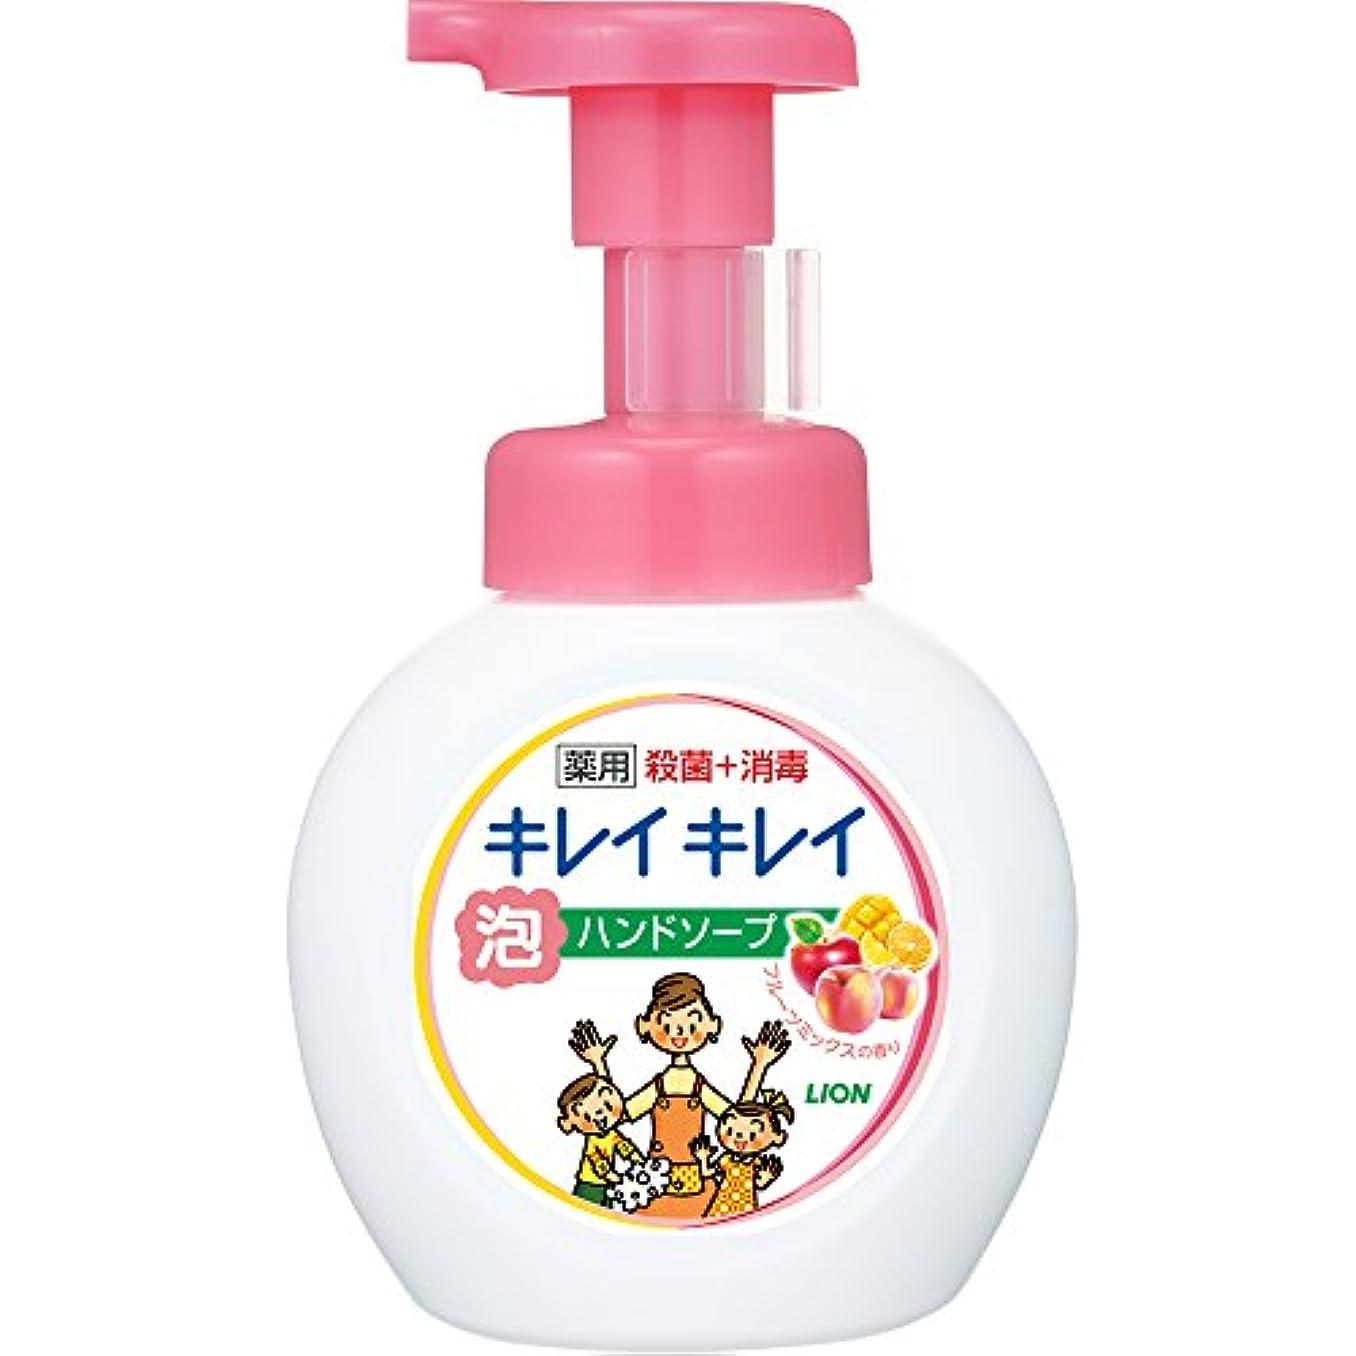 回復する病気の同時キレイキレイ 薬用 泡ハンドソープ フルーツミックスの香り ポンプ 250ml(医薬部外品)